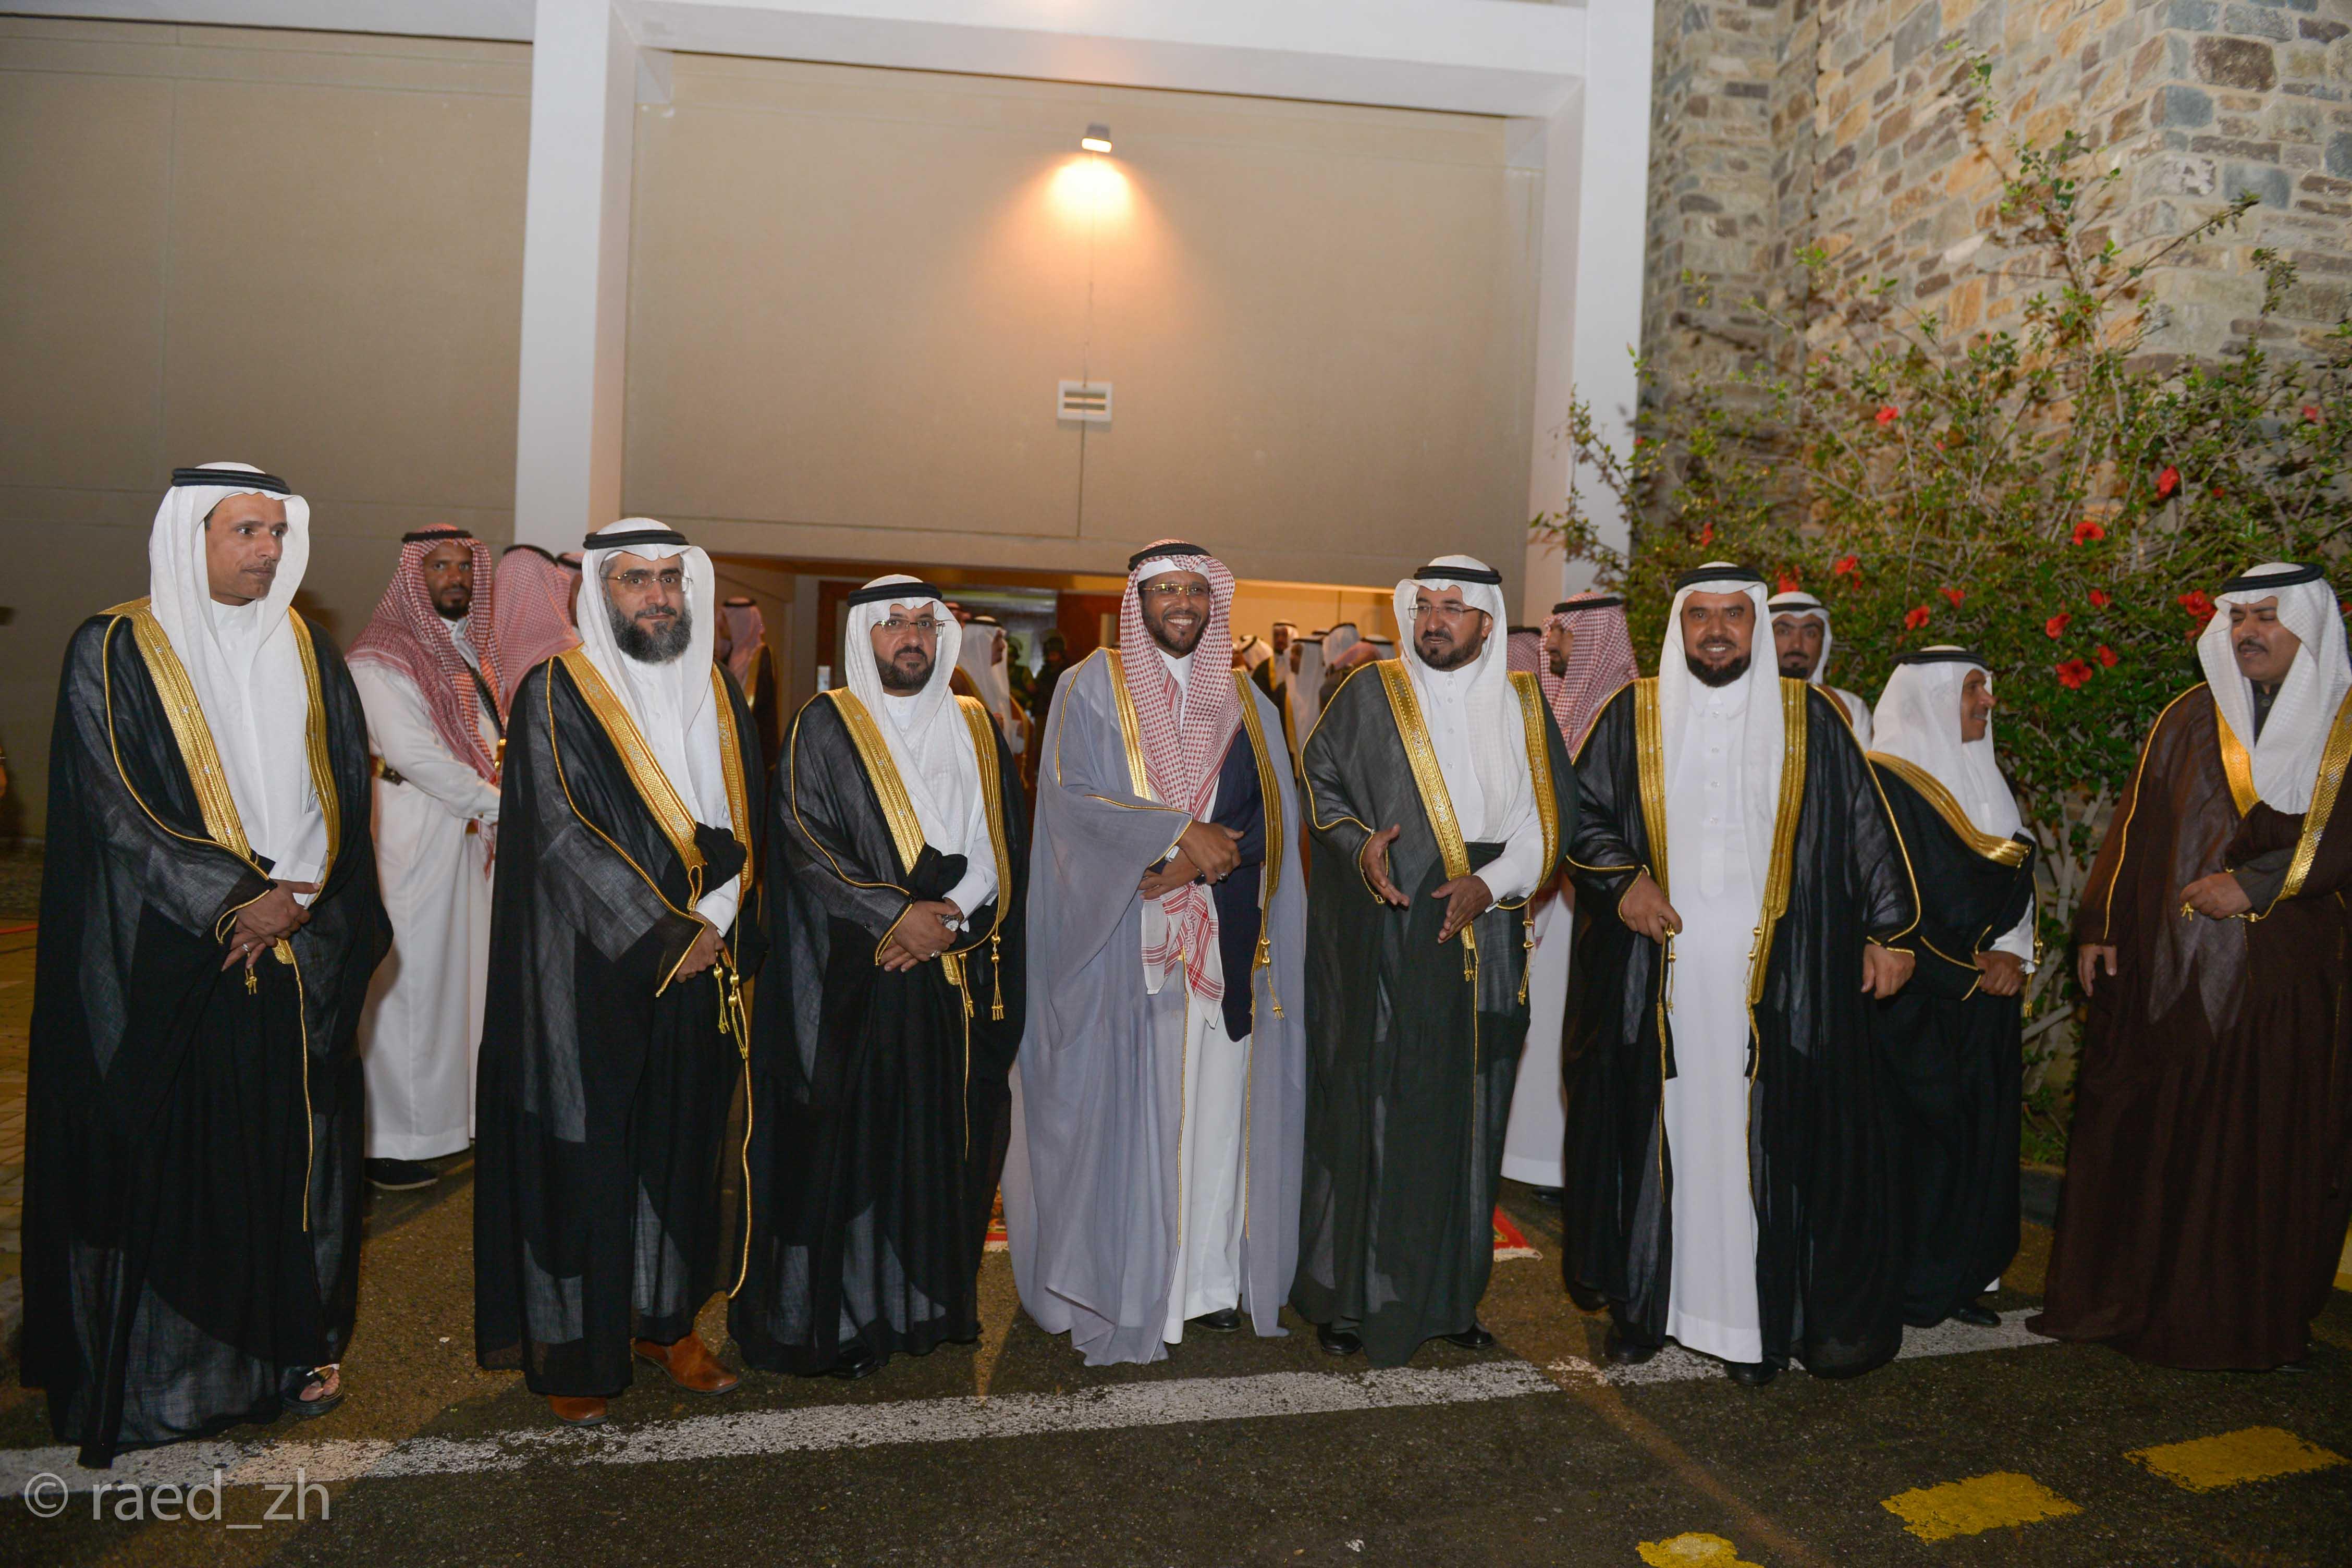 امير الباحة يرعى تخريج الدفعة العاشرة من طلاب وطالبات جامعة الباحة (3)